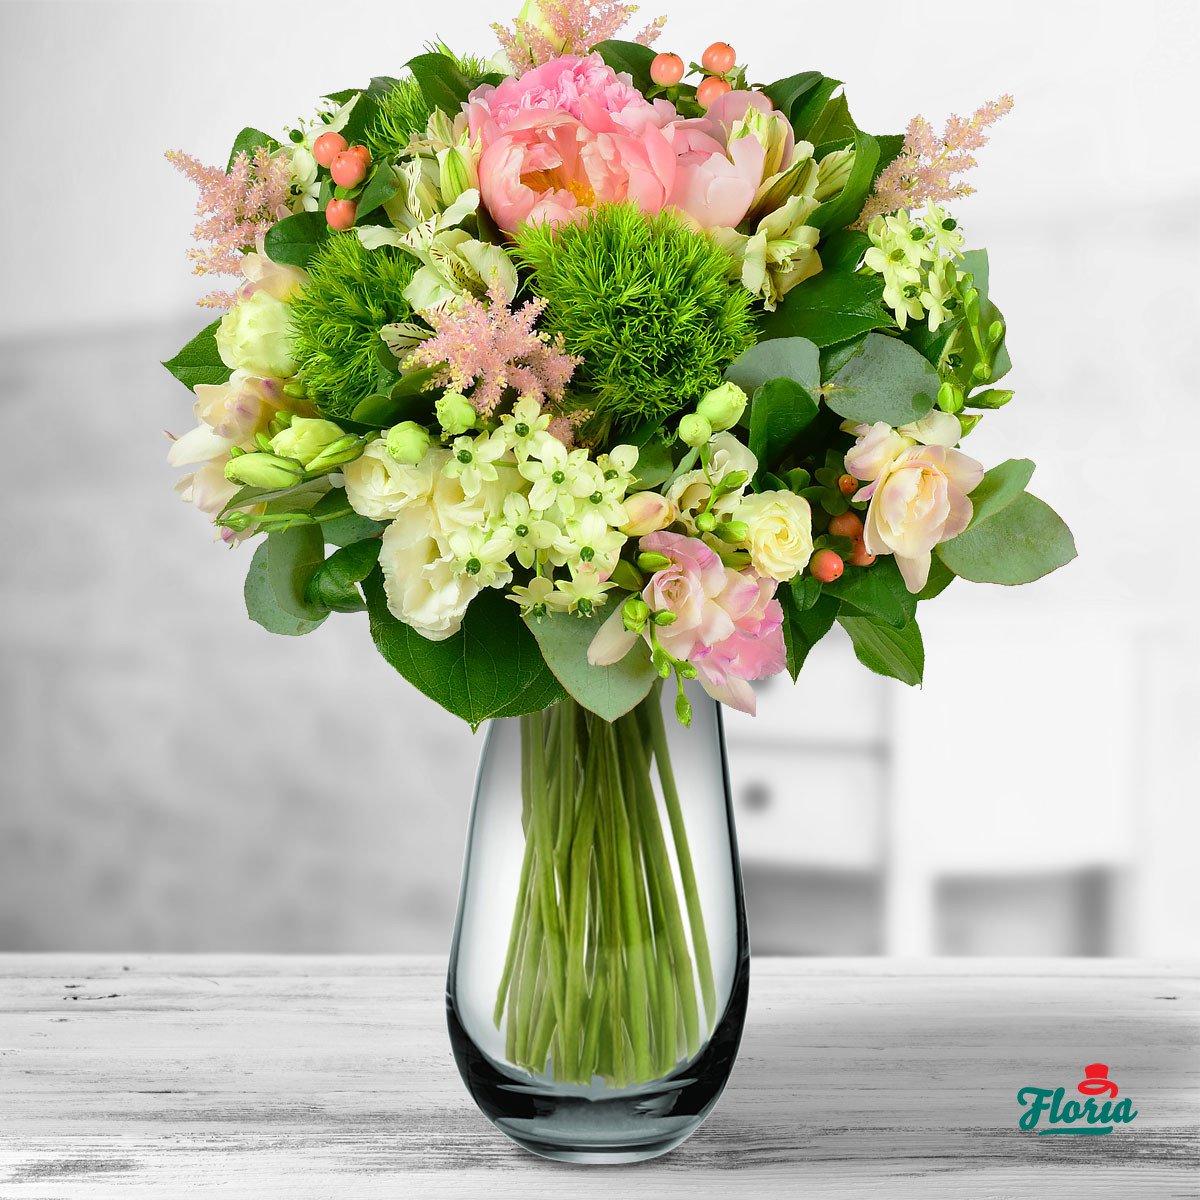 Viitorul, în citate: 5 buchete de flori pentru Absolvire